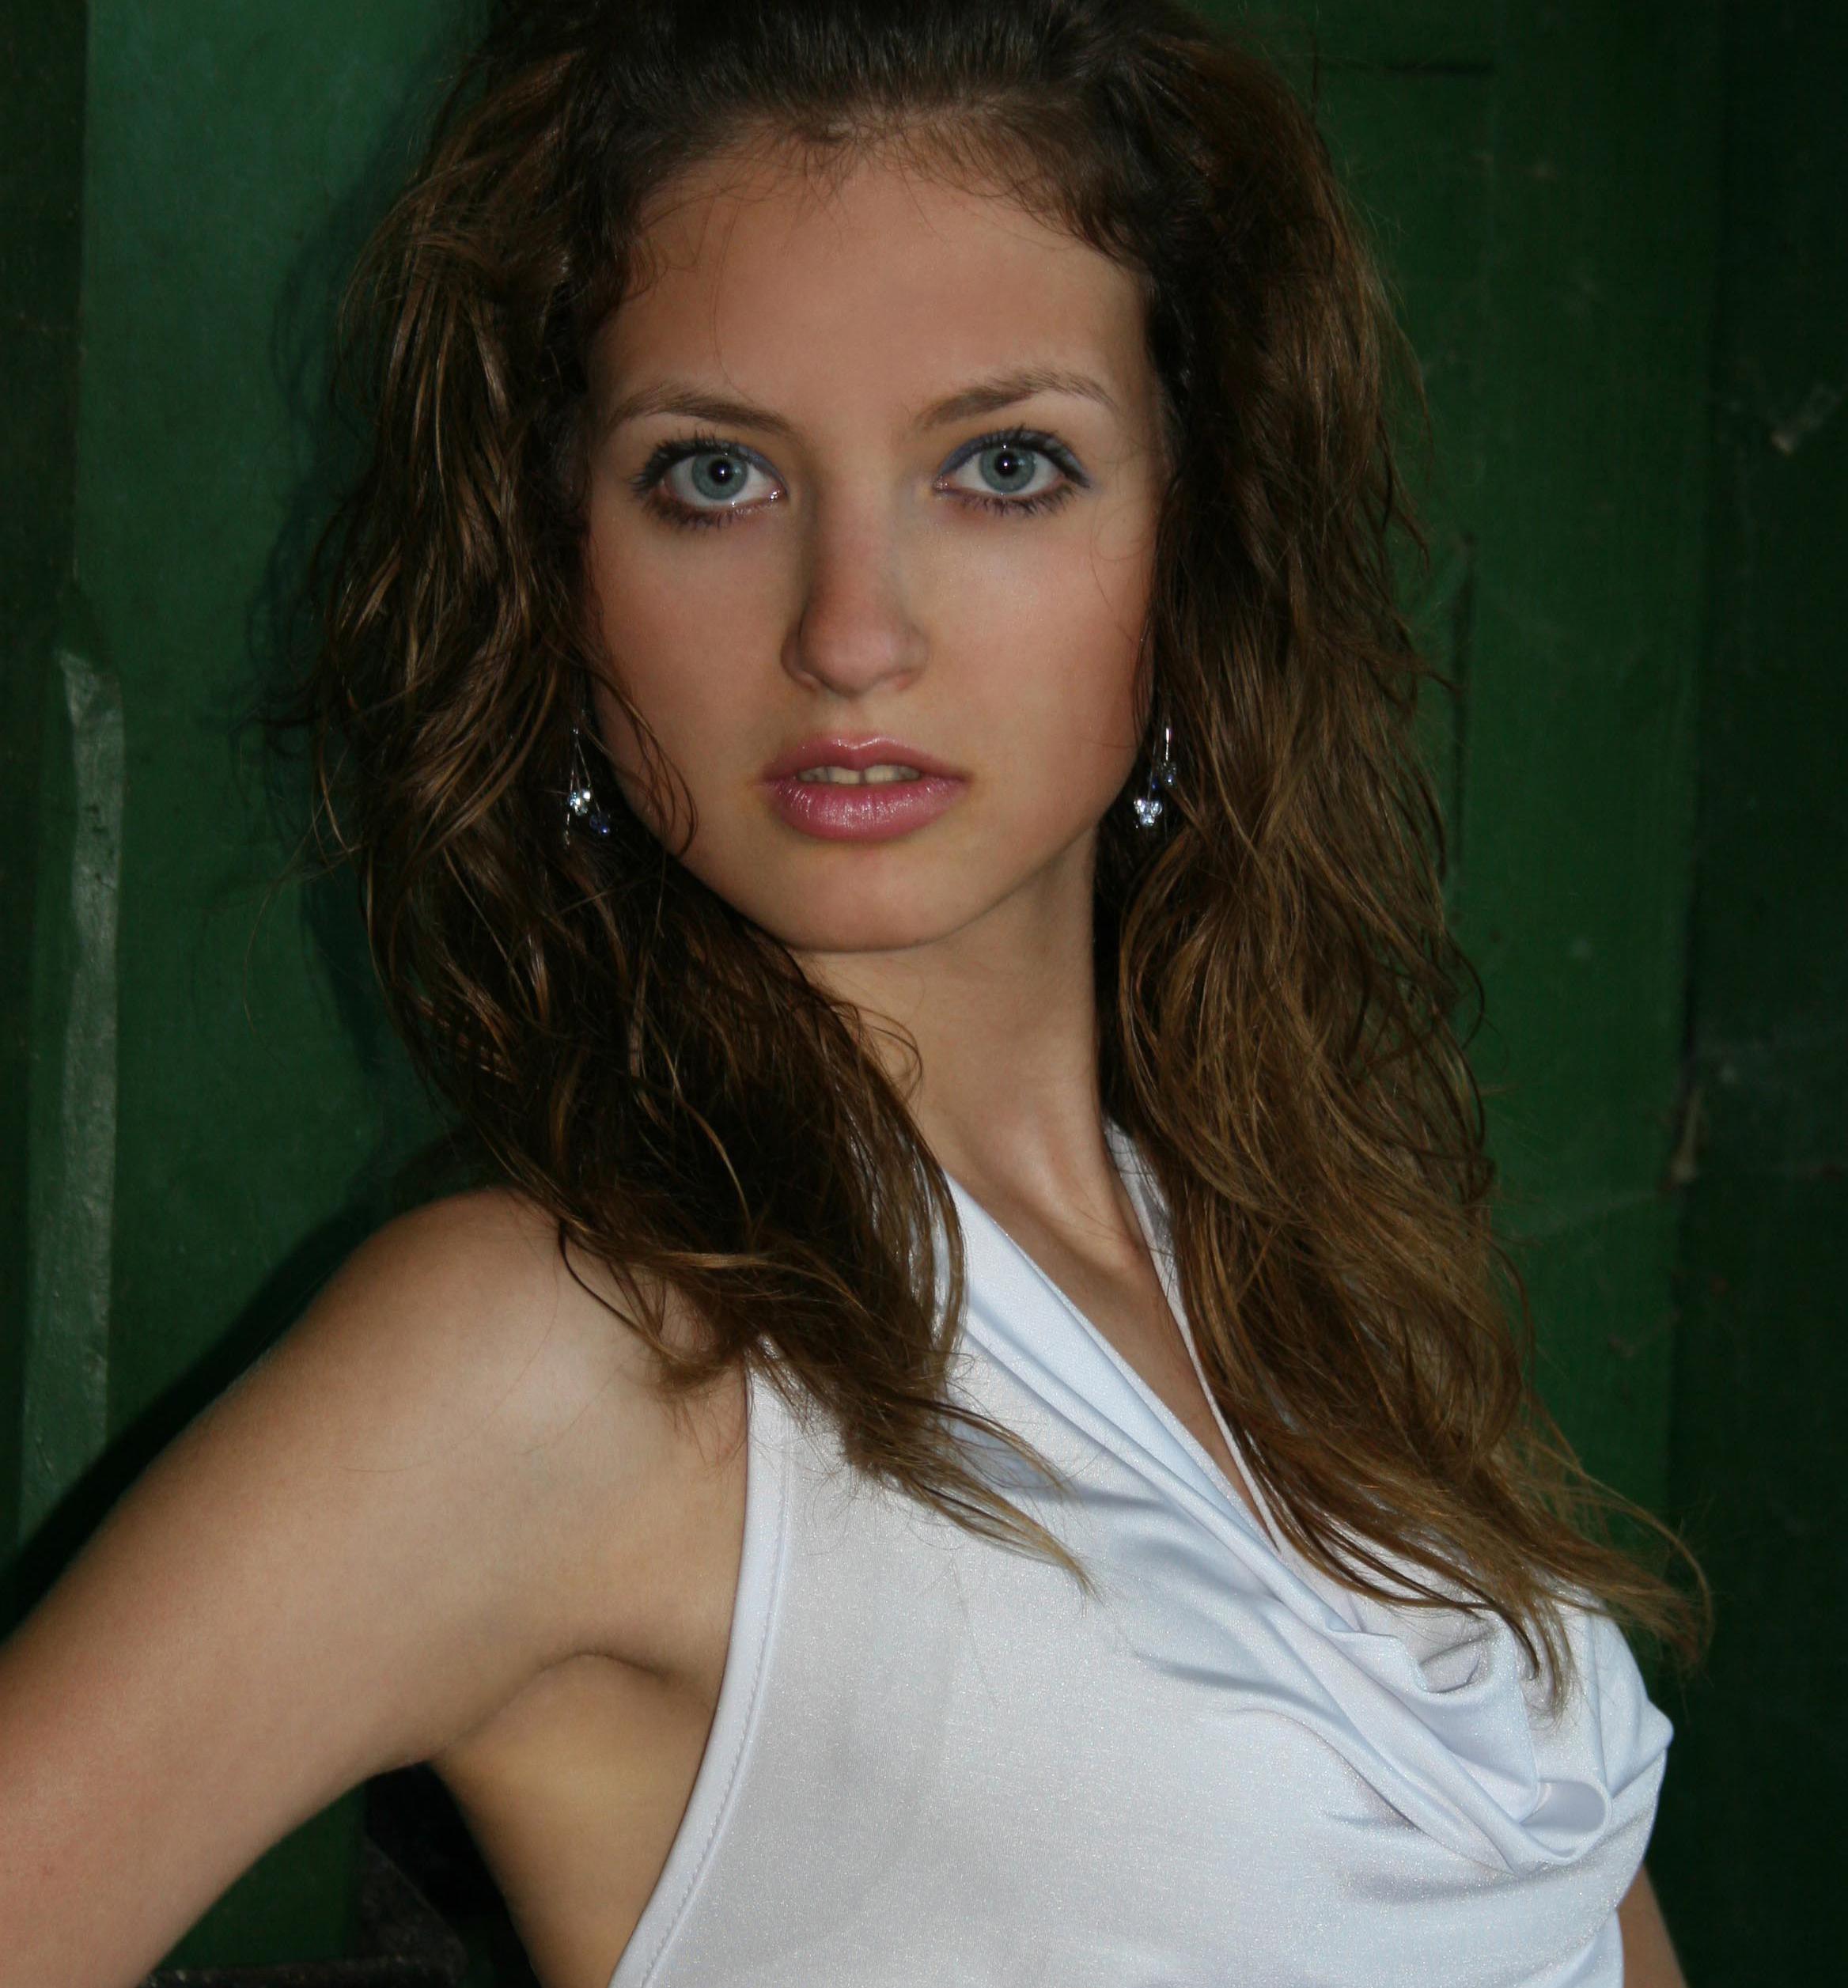 Мира Mелева e новата участничка в Мис Земен Рай